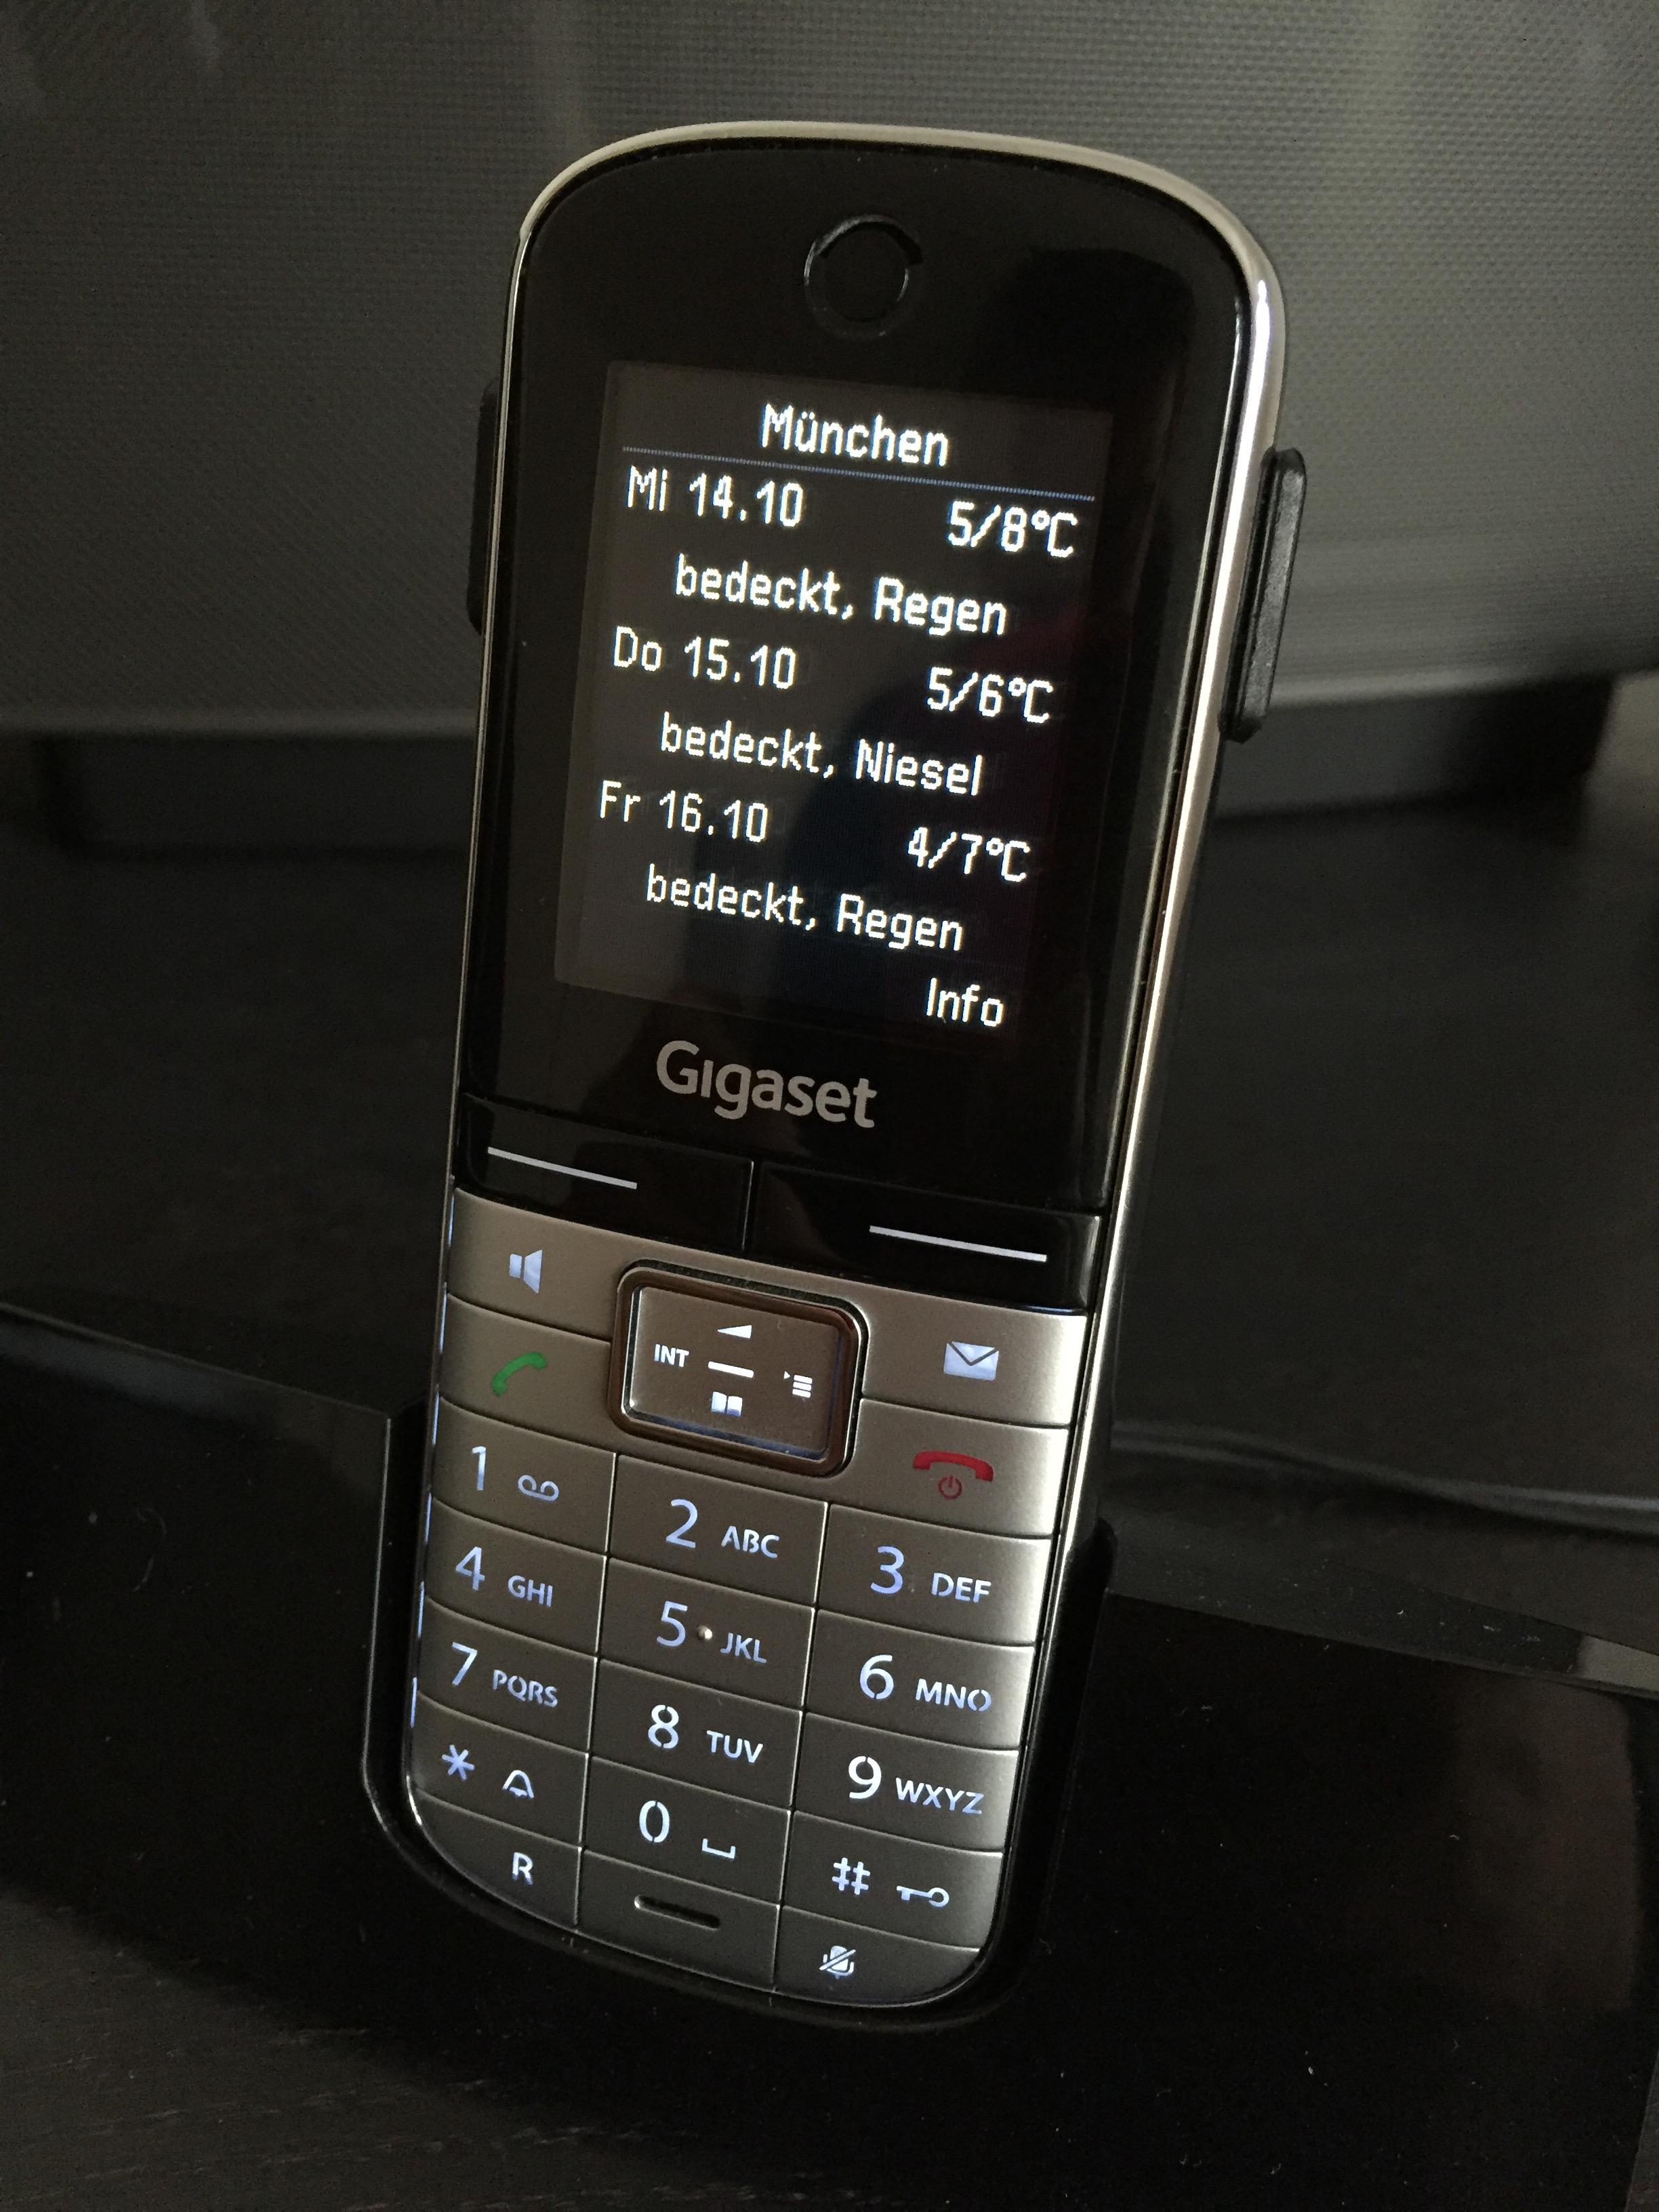 Auf dem Display des Gigaset S400A GO ist der Wetterbericht klar und einfach zu sehen